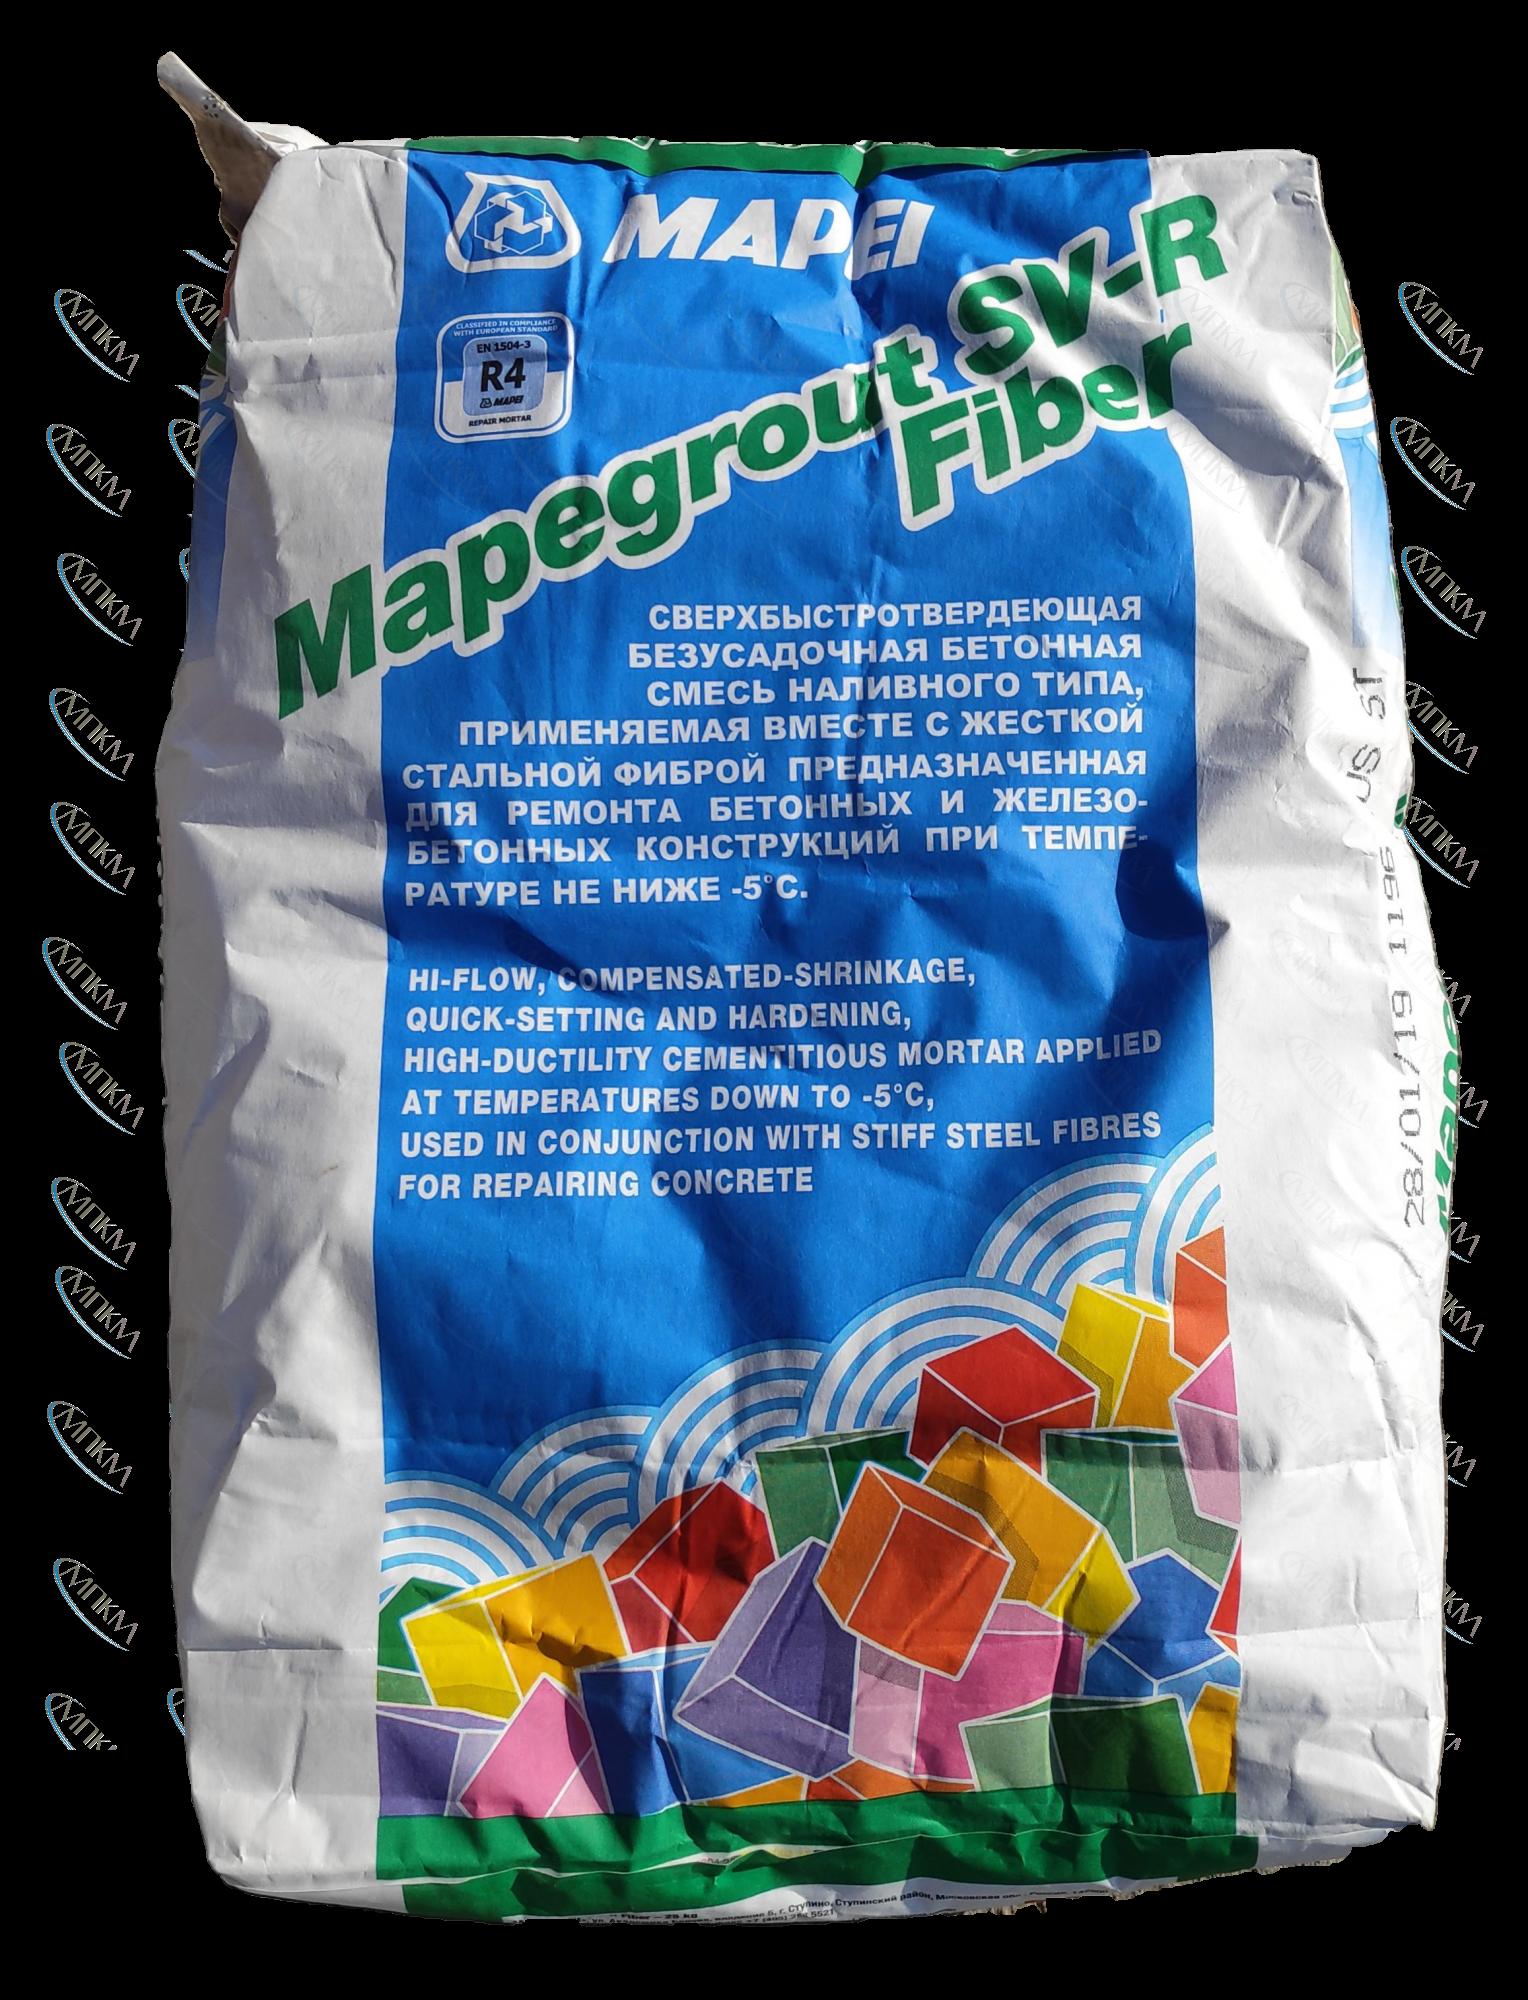 Бетонная смесь mapegrout цементный раствор для полов